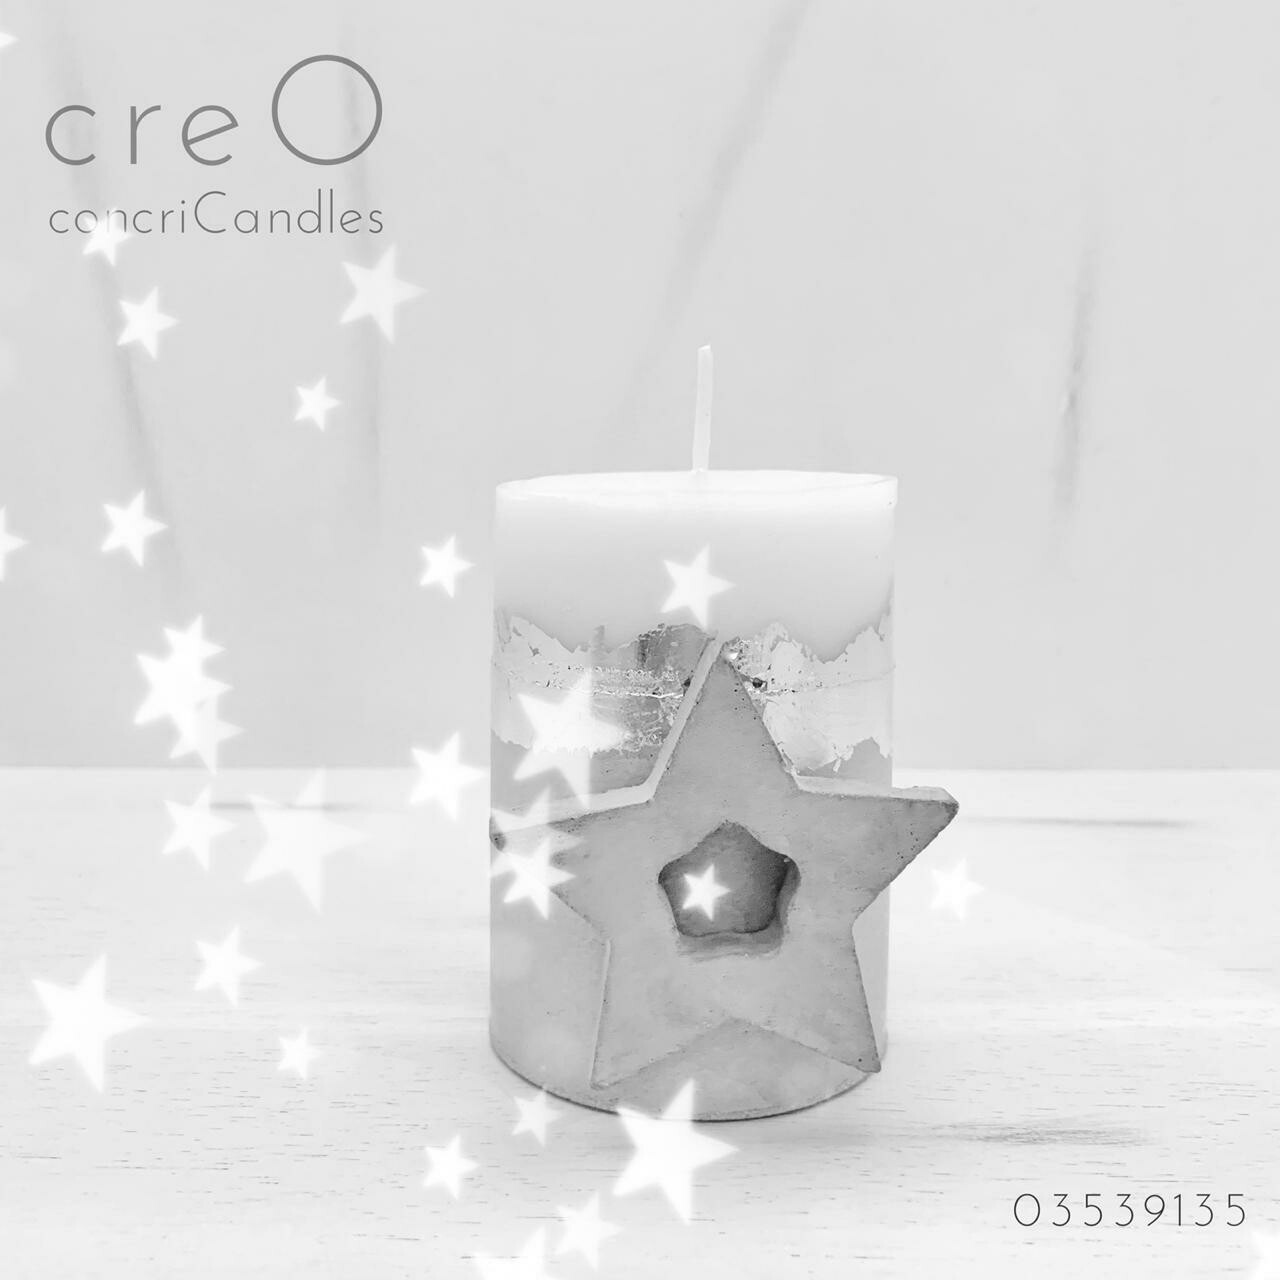 Candles Concrete (Piece) - creO